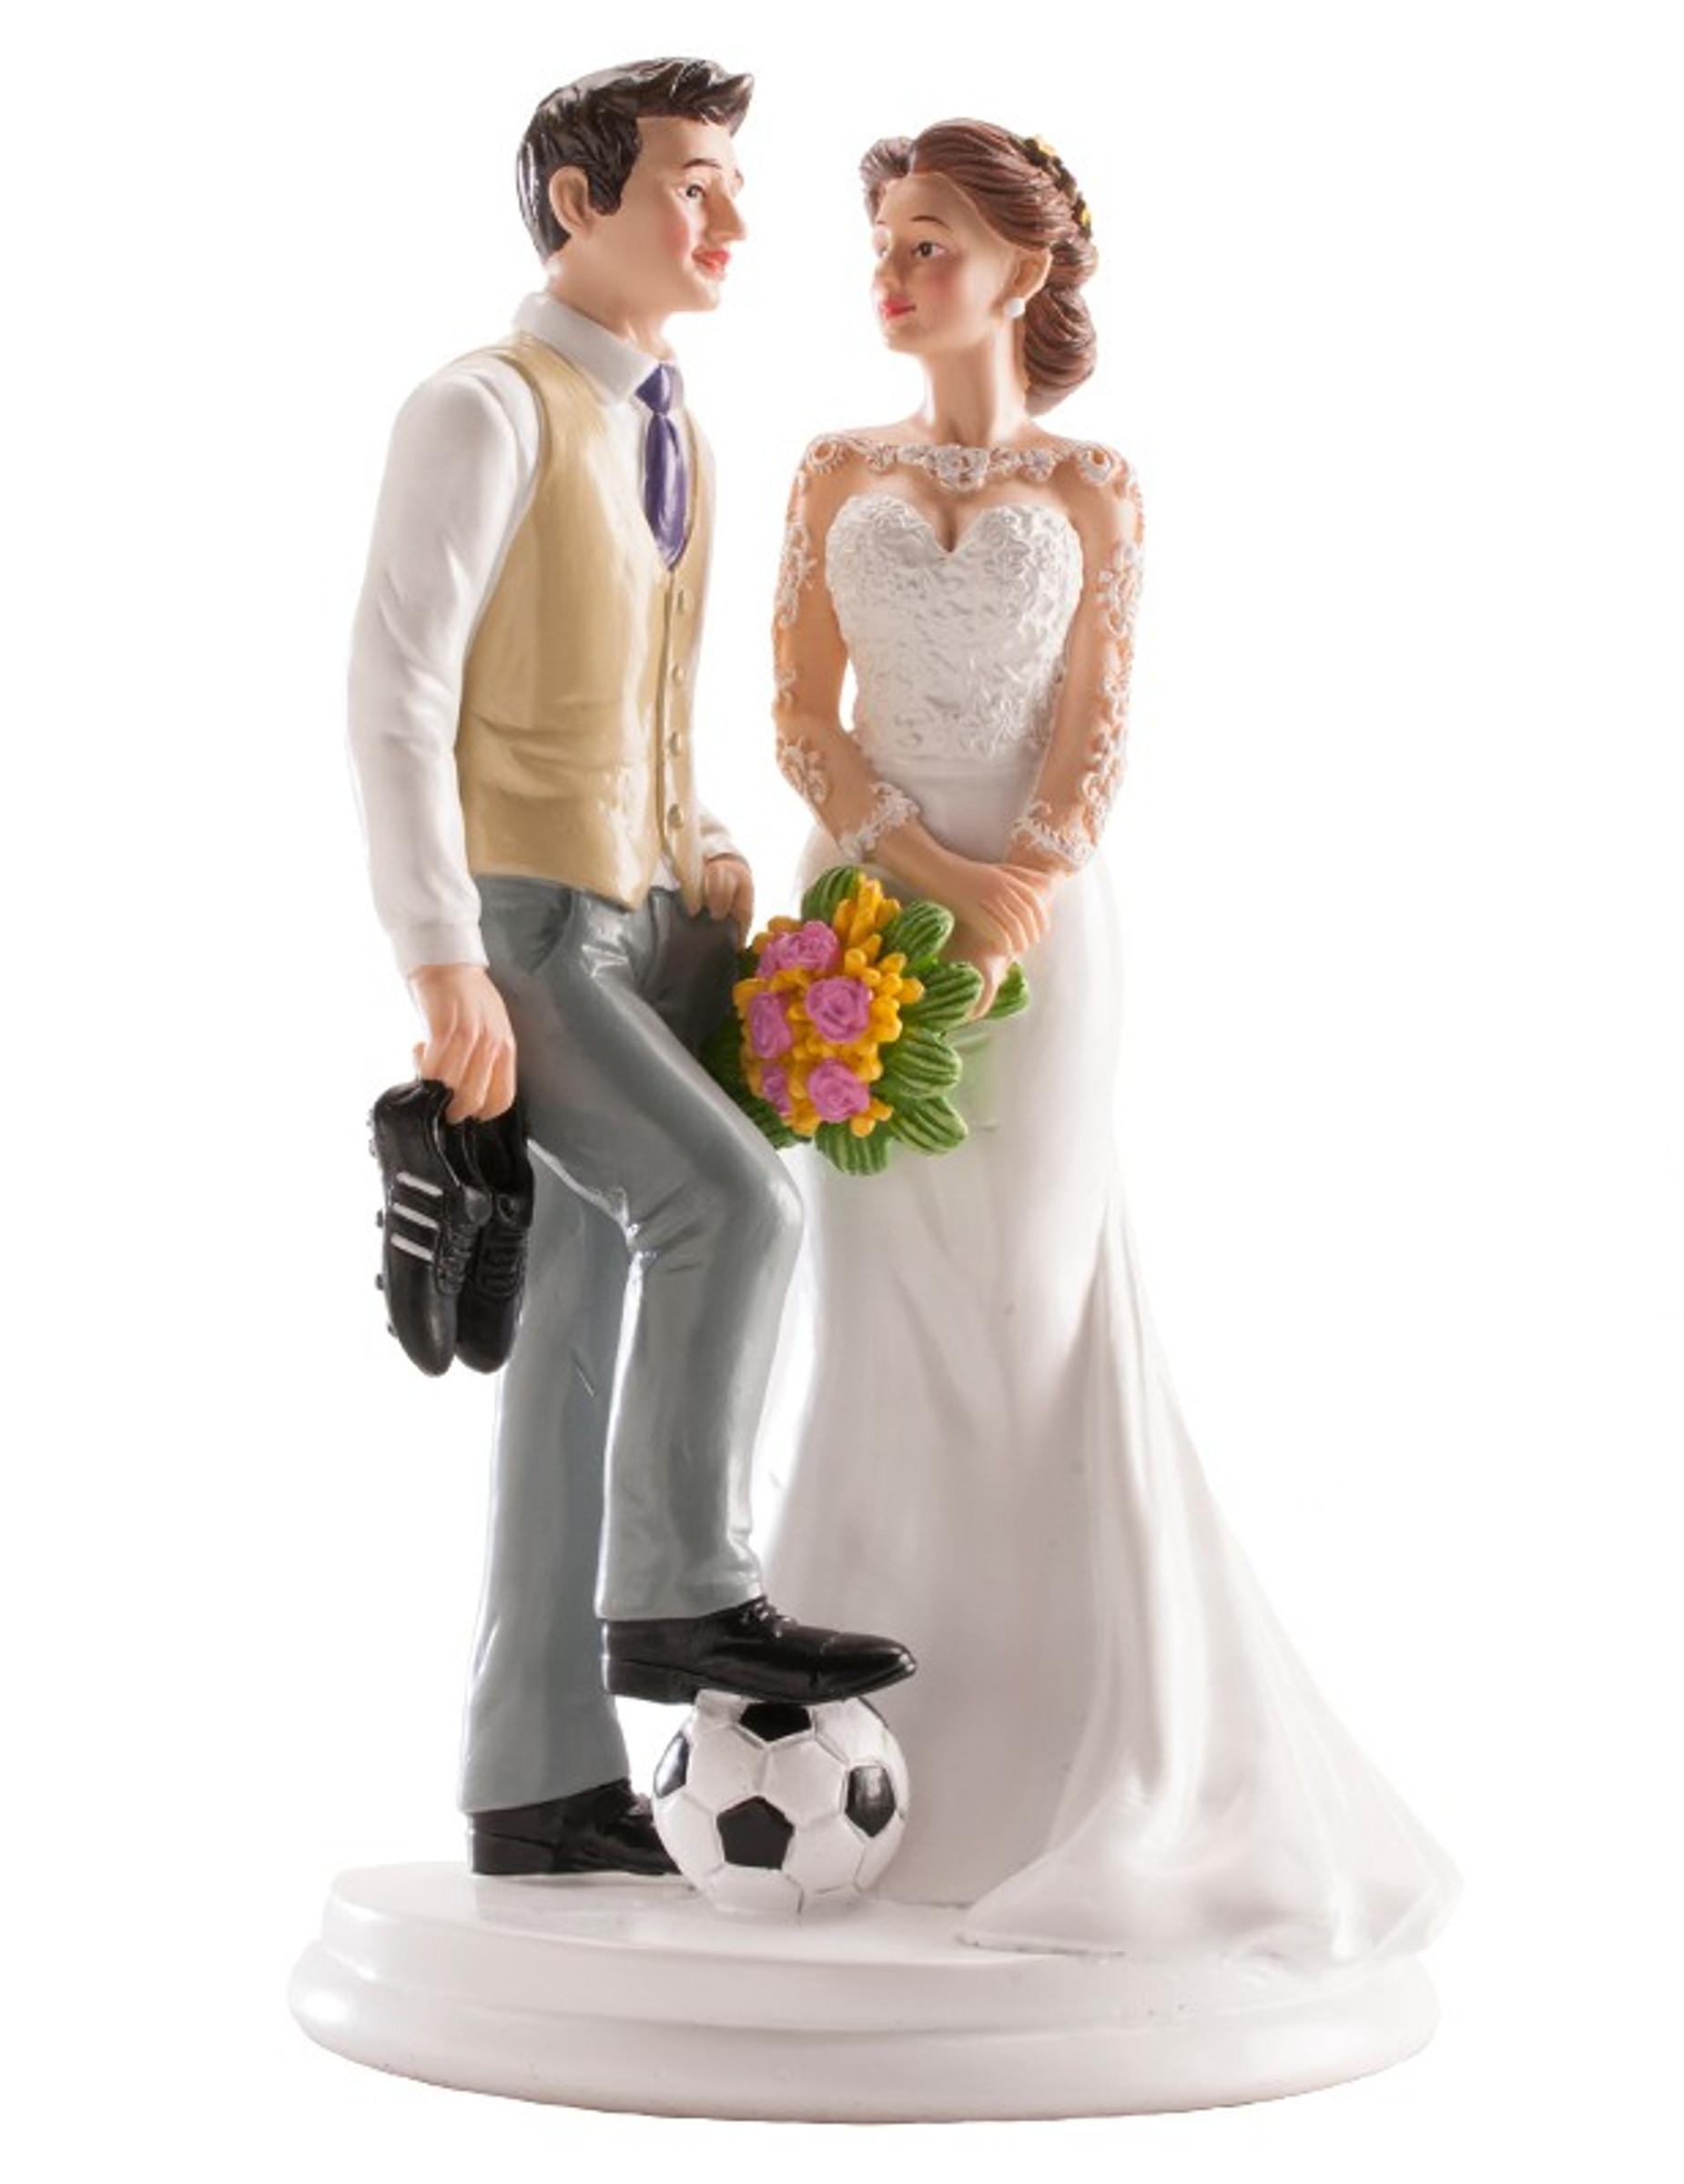 Fussball Brautpaar Figur fr Torte Partydekound gnstige